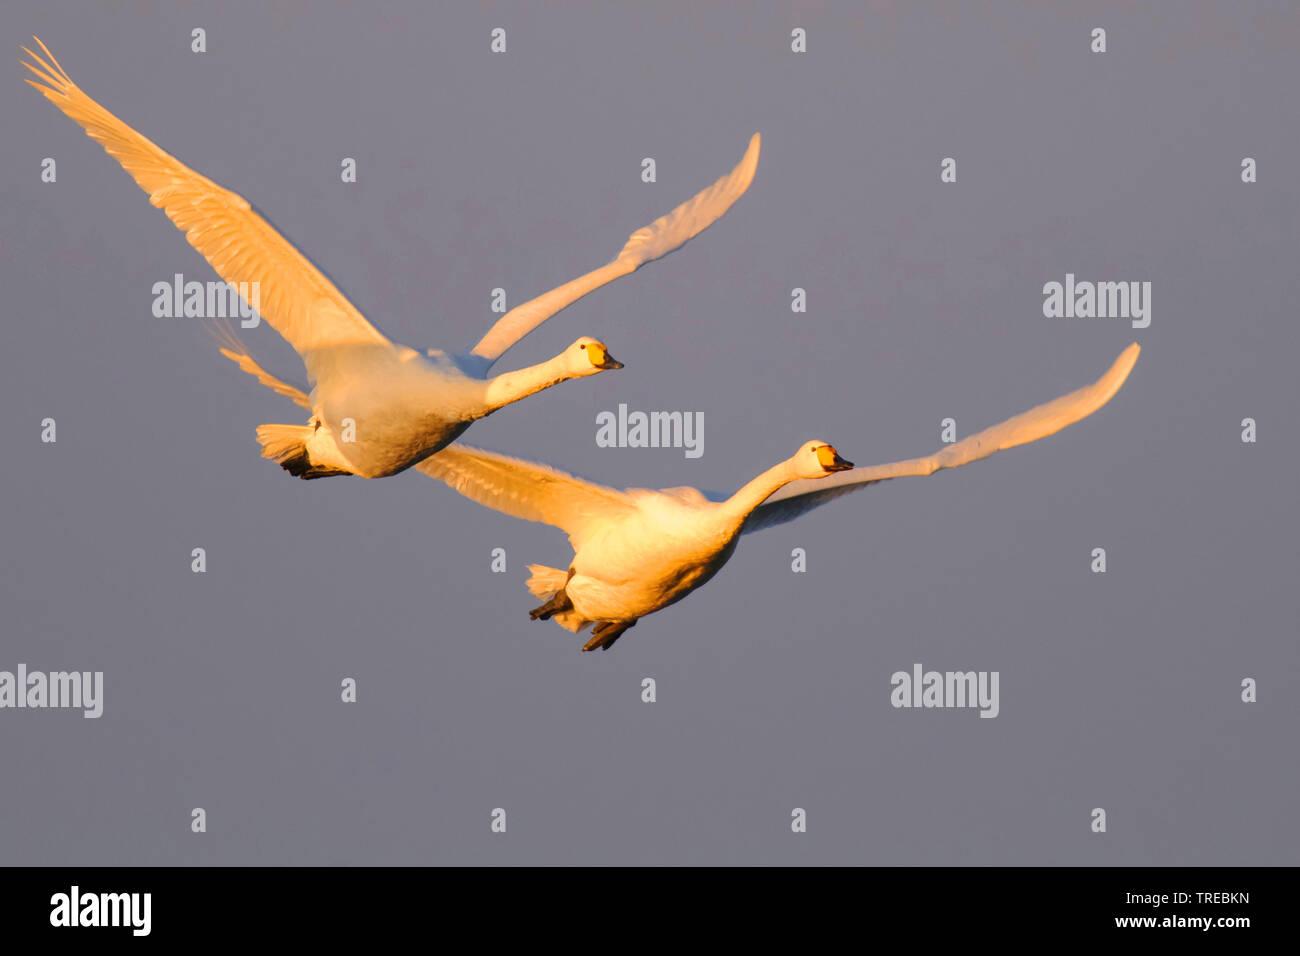 Singschwan, Sing-Schwan (Cygnus cygnus), zwei Singschwaene im Flug im Abendlicht, Deutschland, Niedersachsen | whooper swan (Cygnus cygnus), in evenin - Stock Image